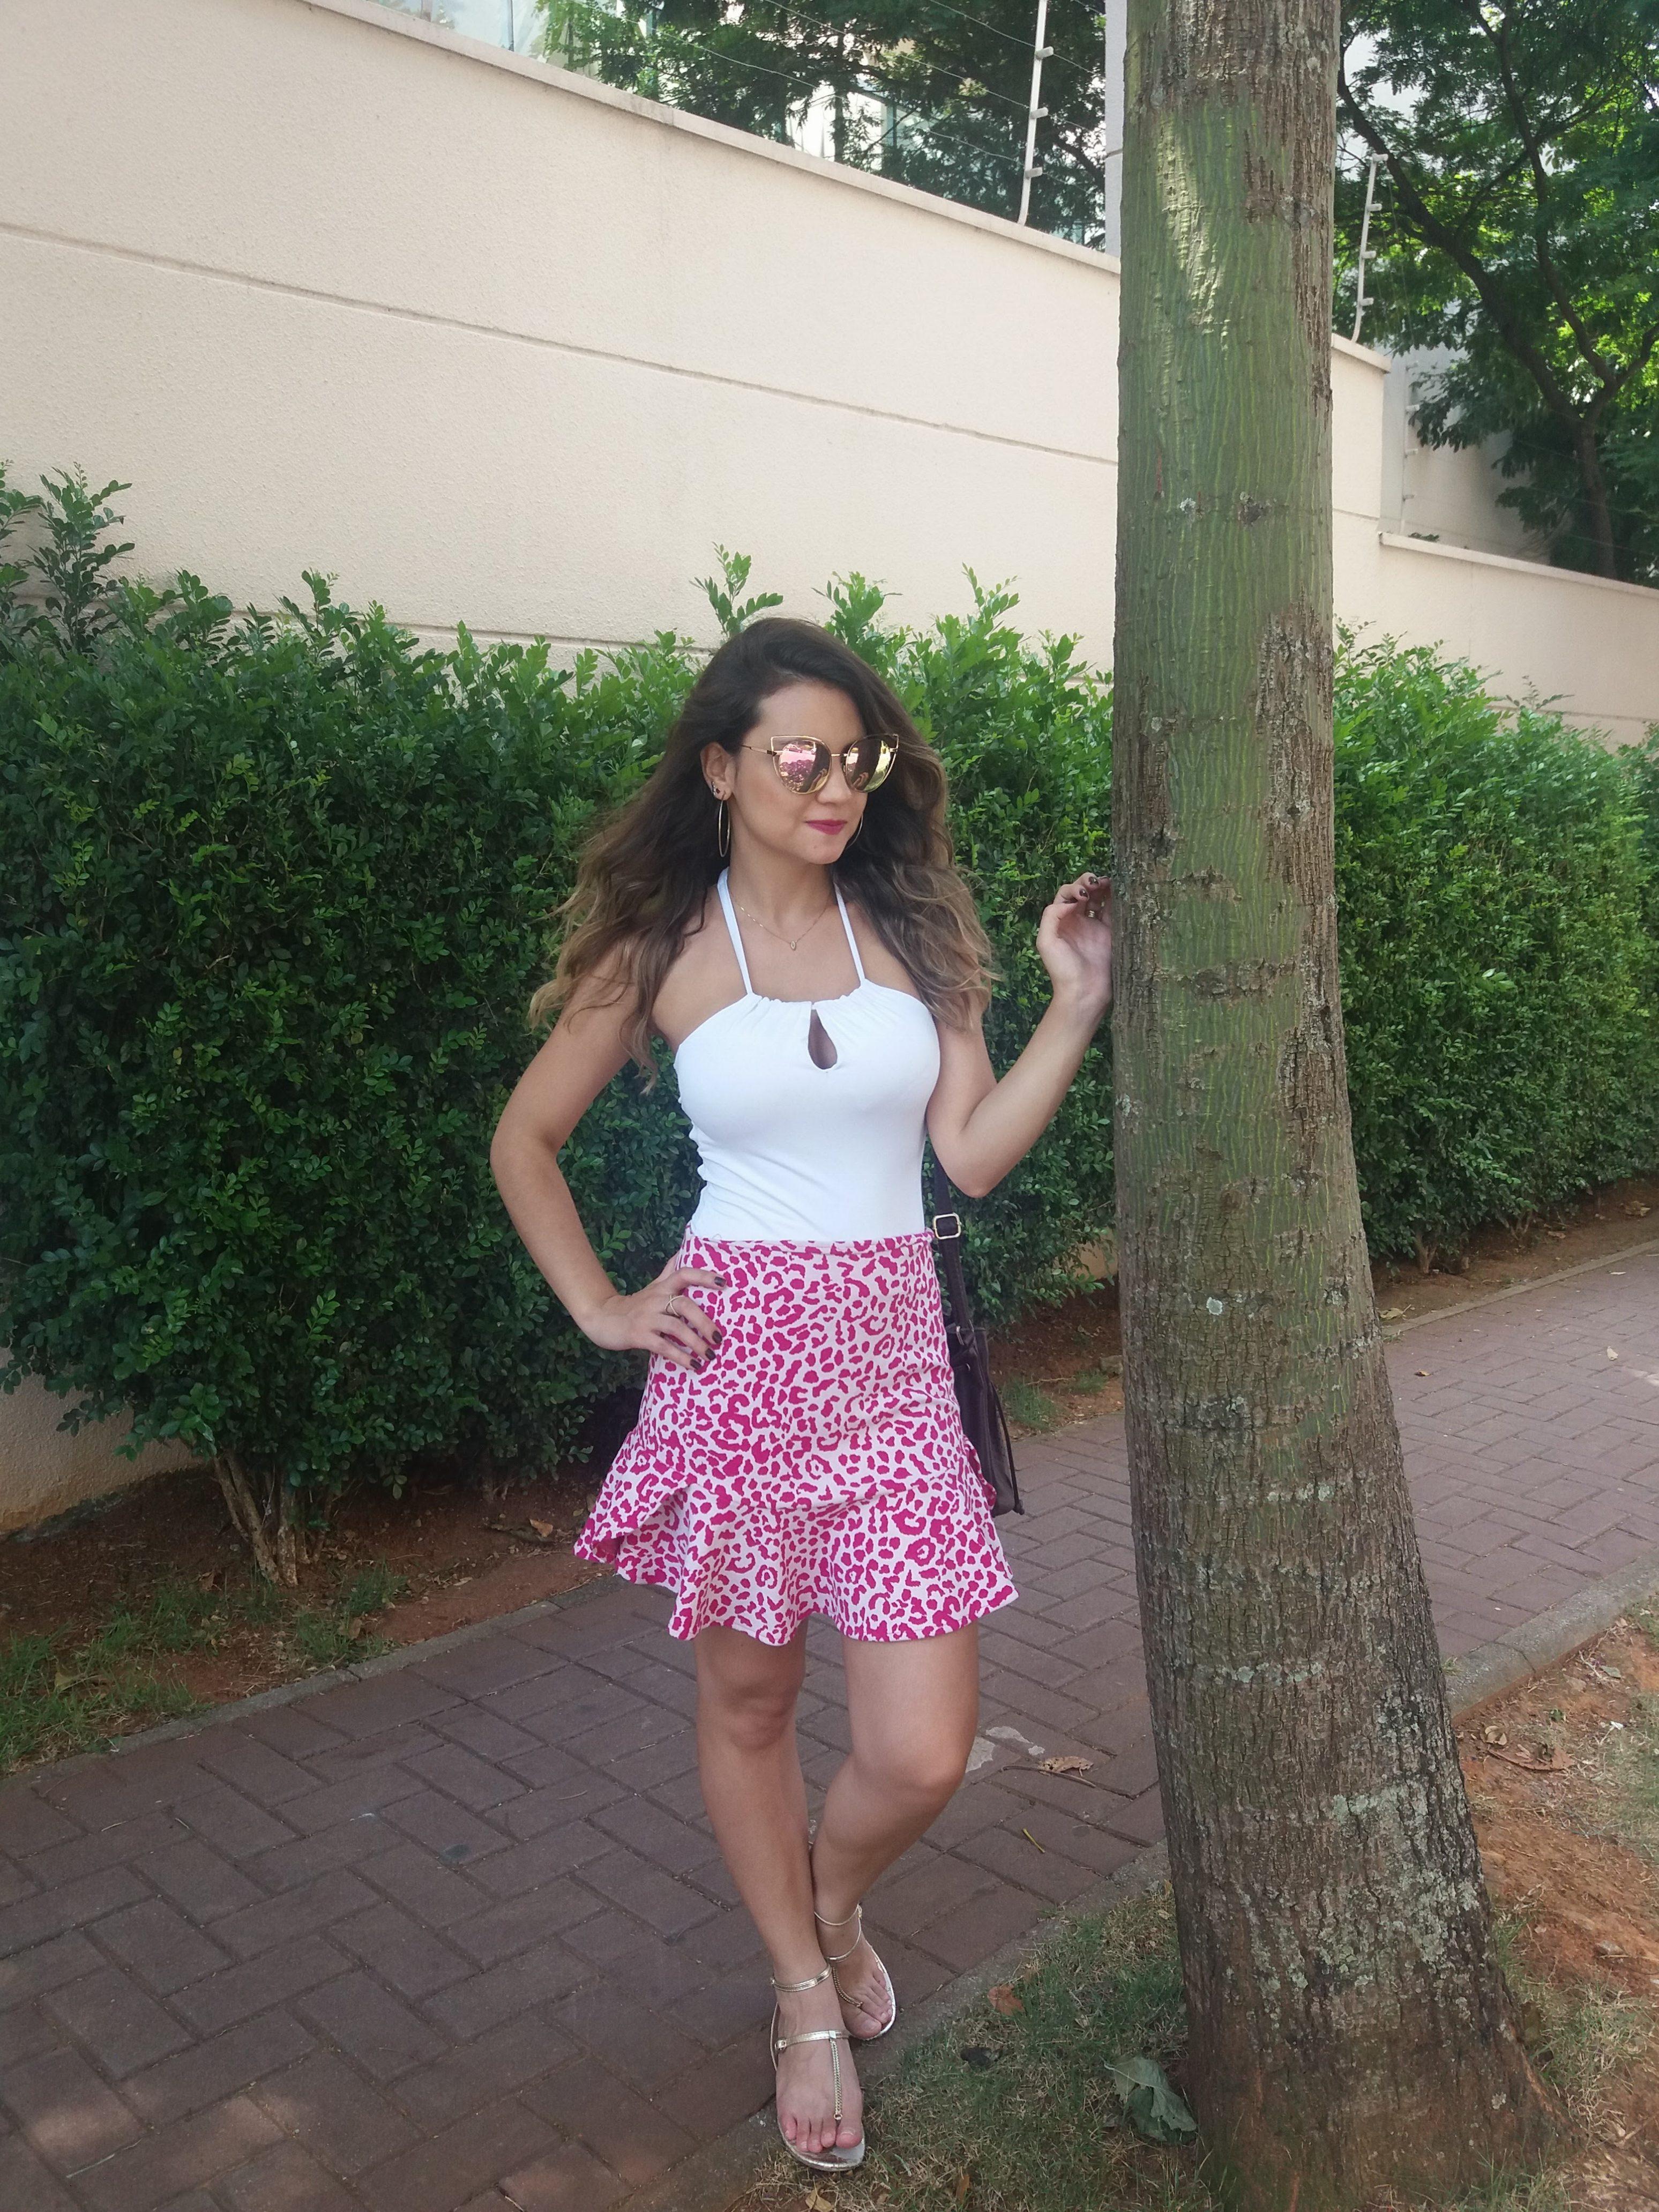 20170219_132929-1-e1487599204173 Look da Ka: de body deuso + saia pink